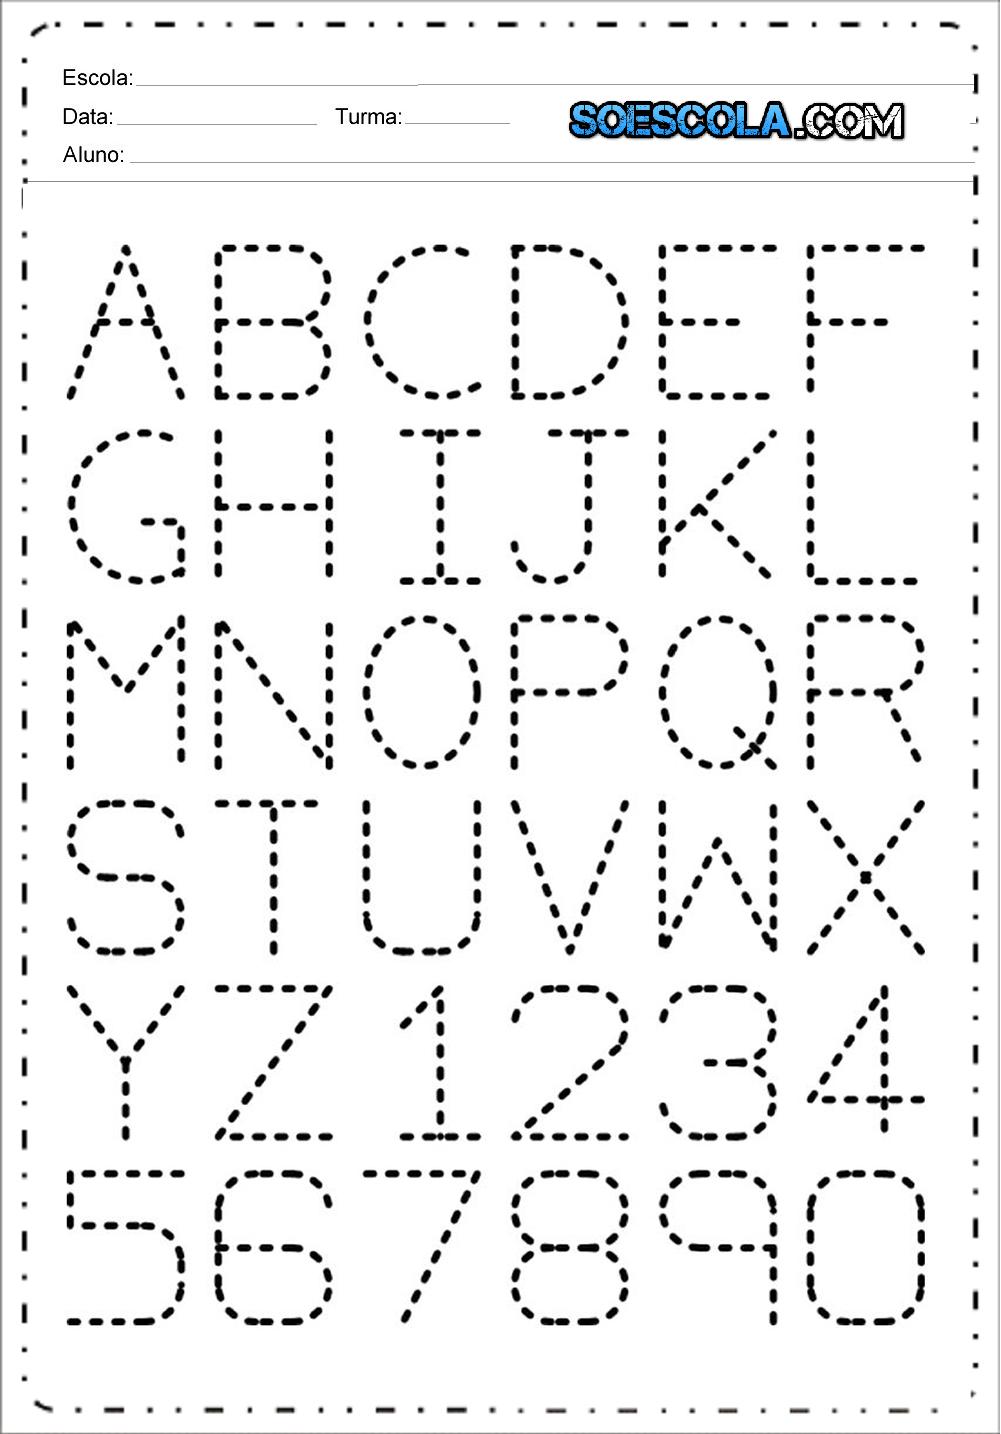 Alfabeto Pontilhado - Atividades Educativas para imprimir.